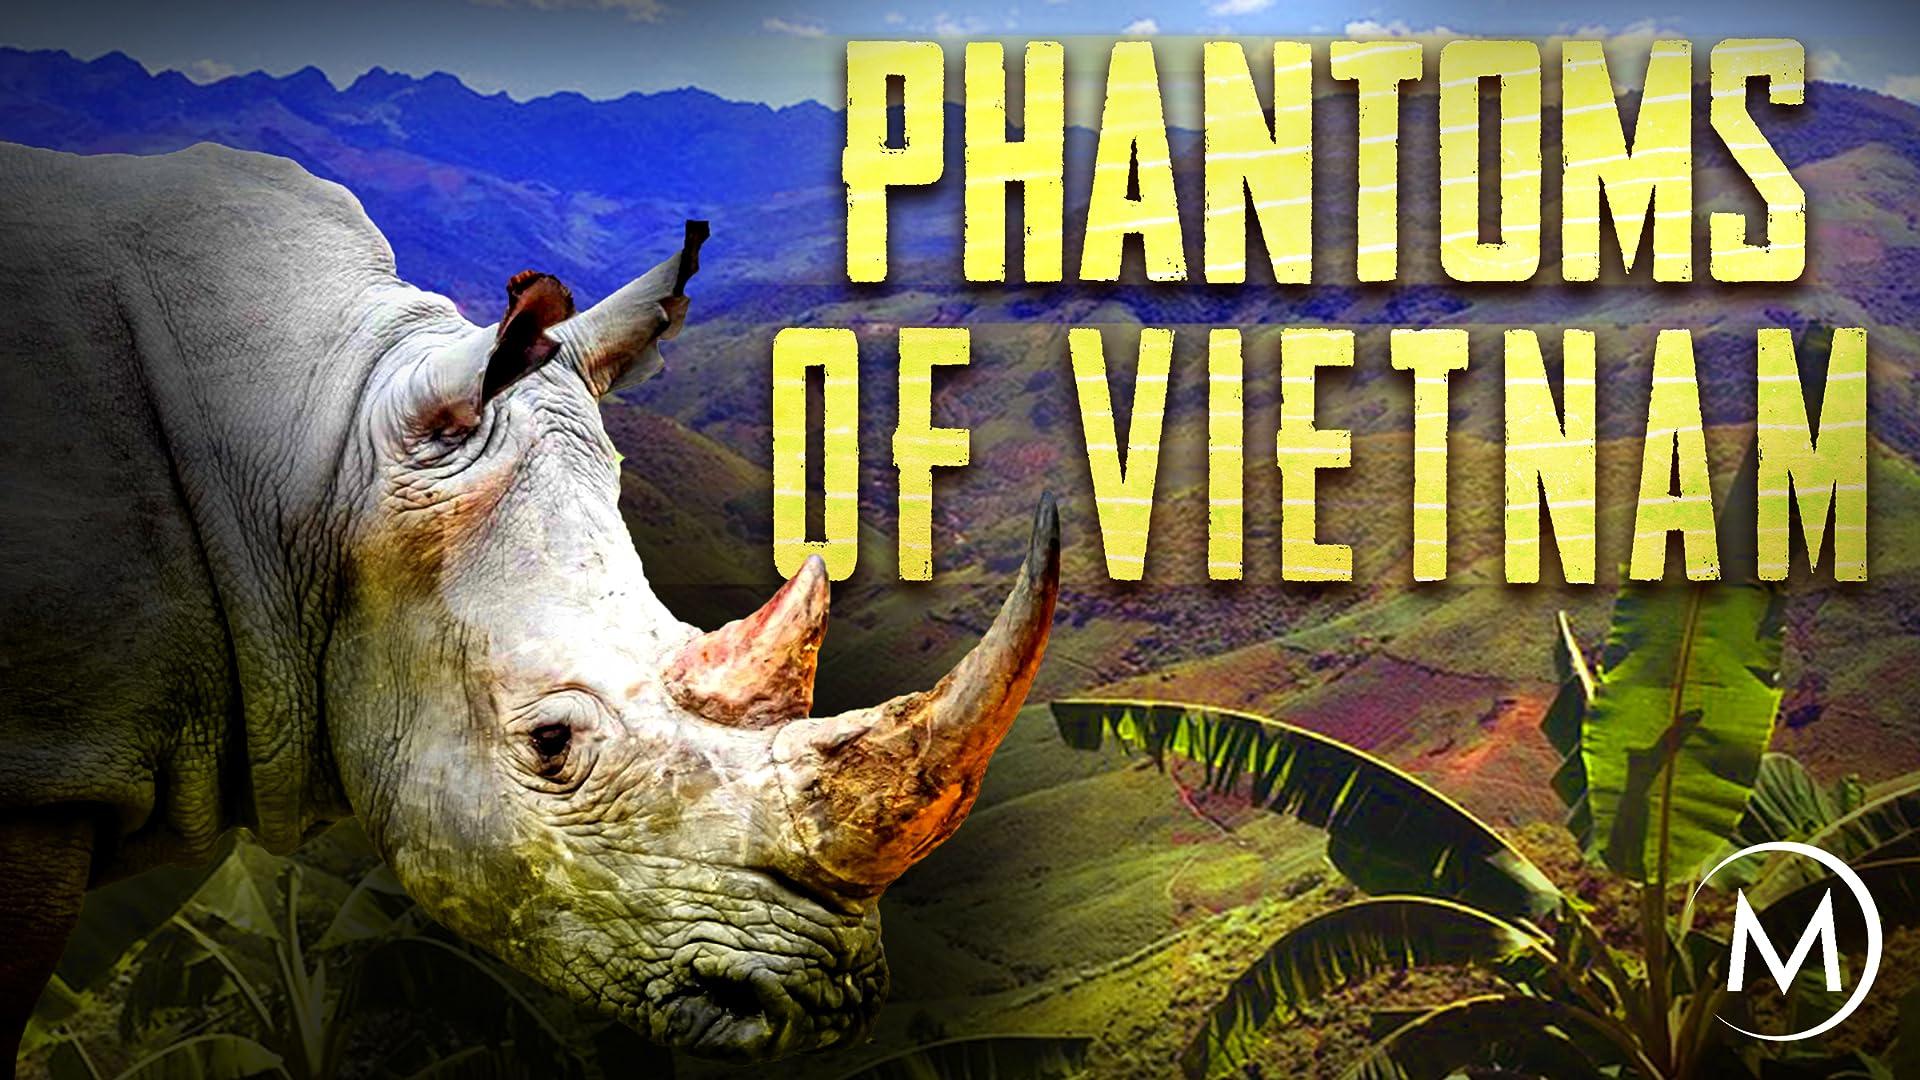 Phantoms of Vietnam